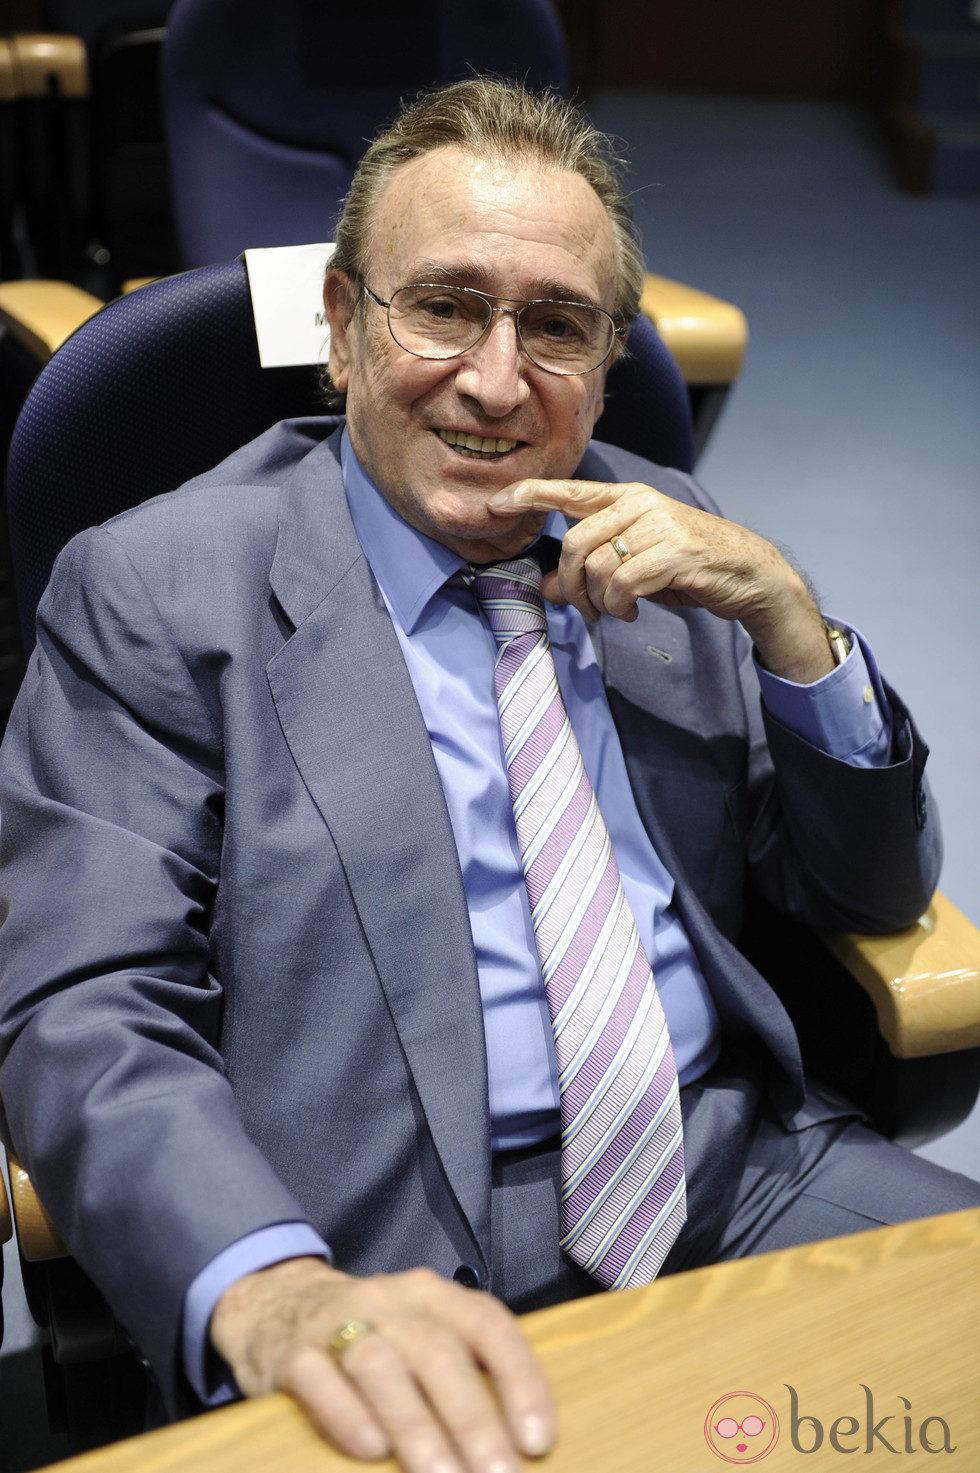 Manolo Escobar en la entrega de un premio en Madrid